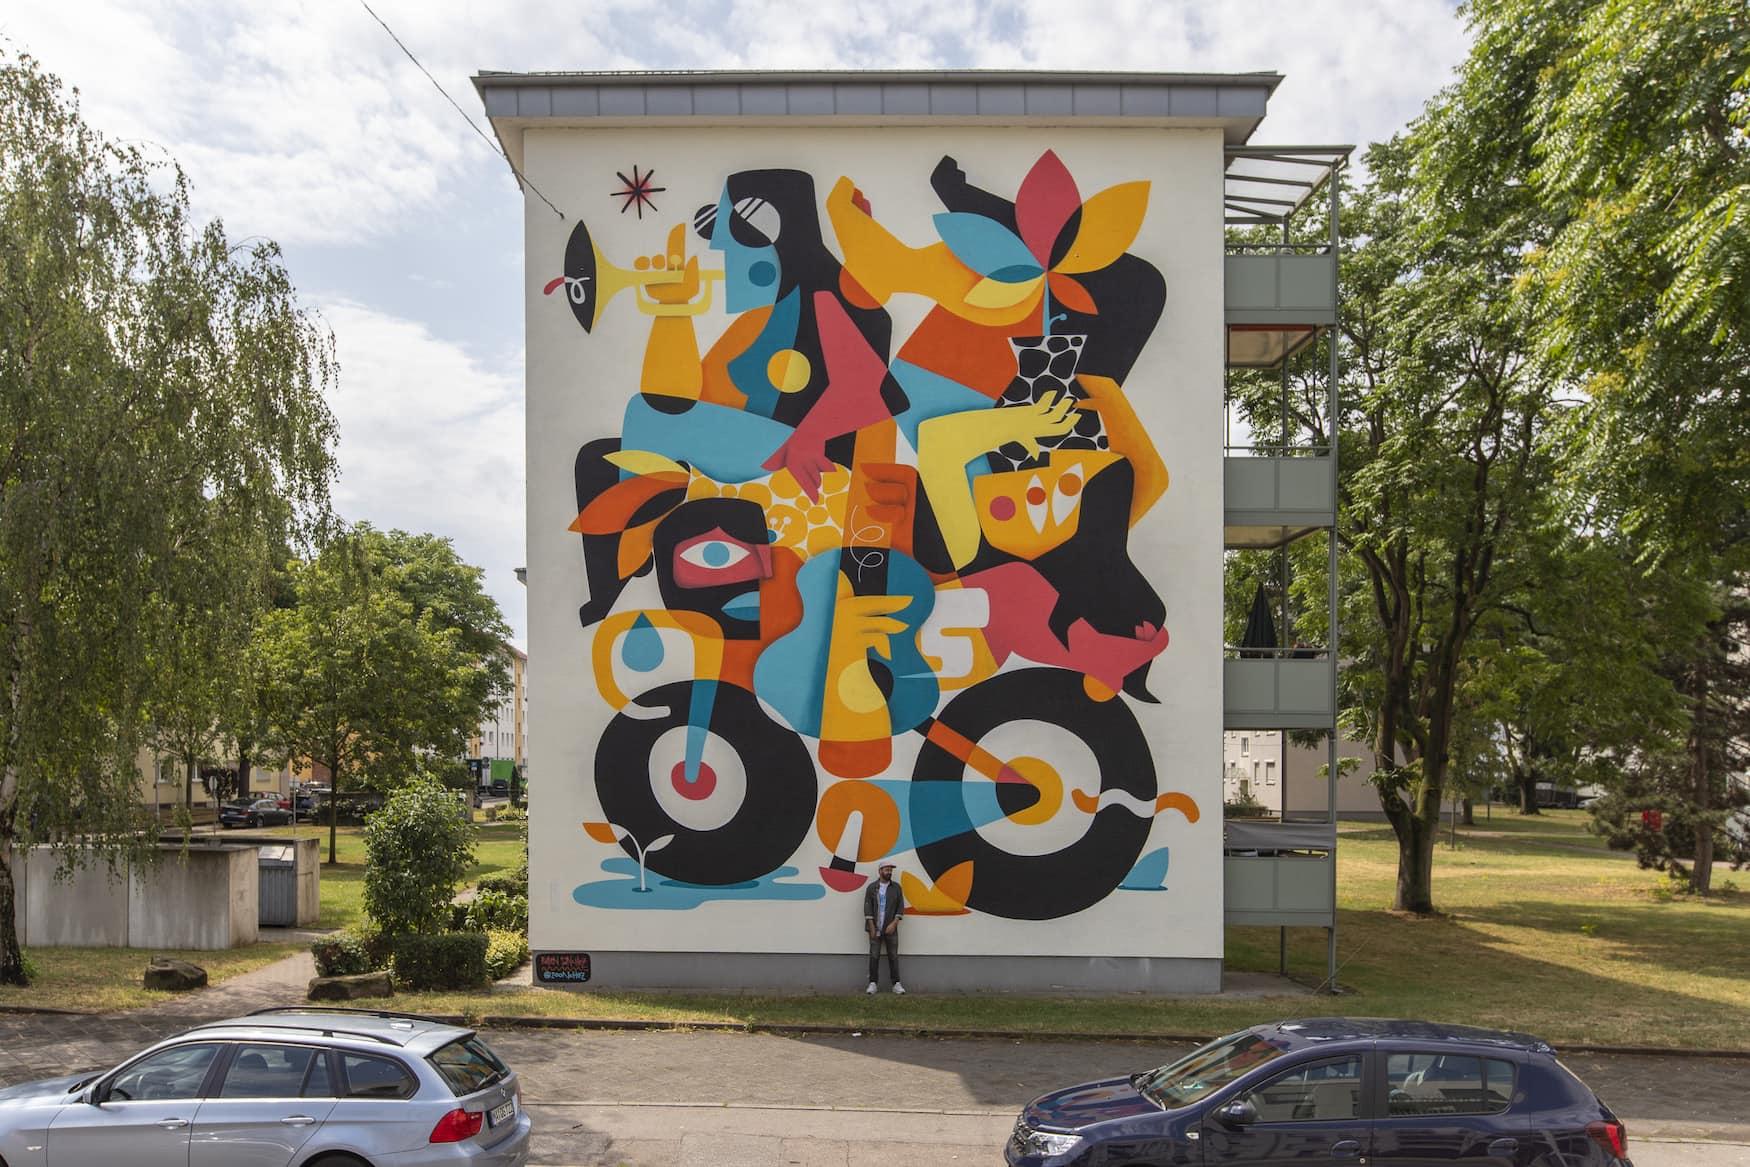 Fassade eines Mehrfamilienhauses (GBG) in der Heustraße 13-17, 68169 Mannheim